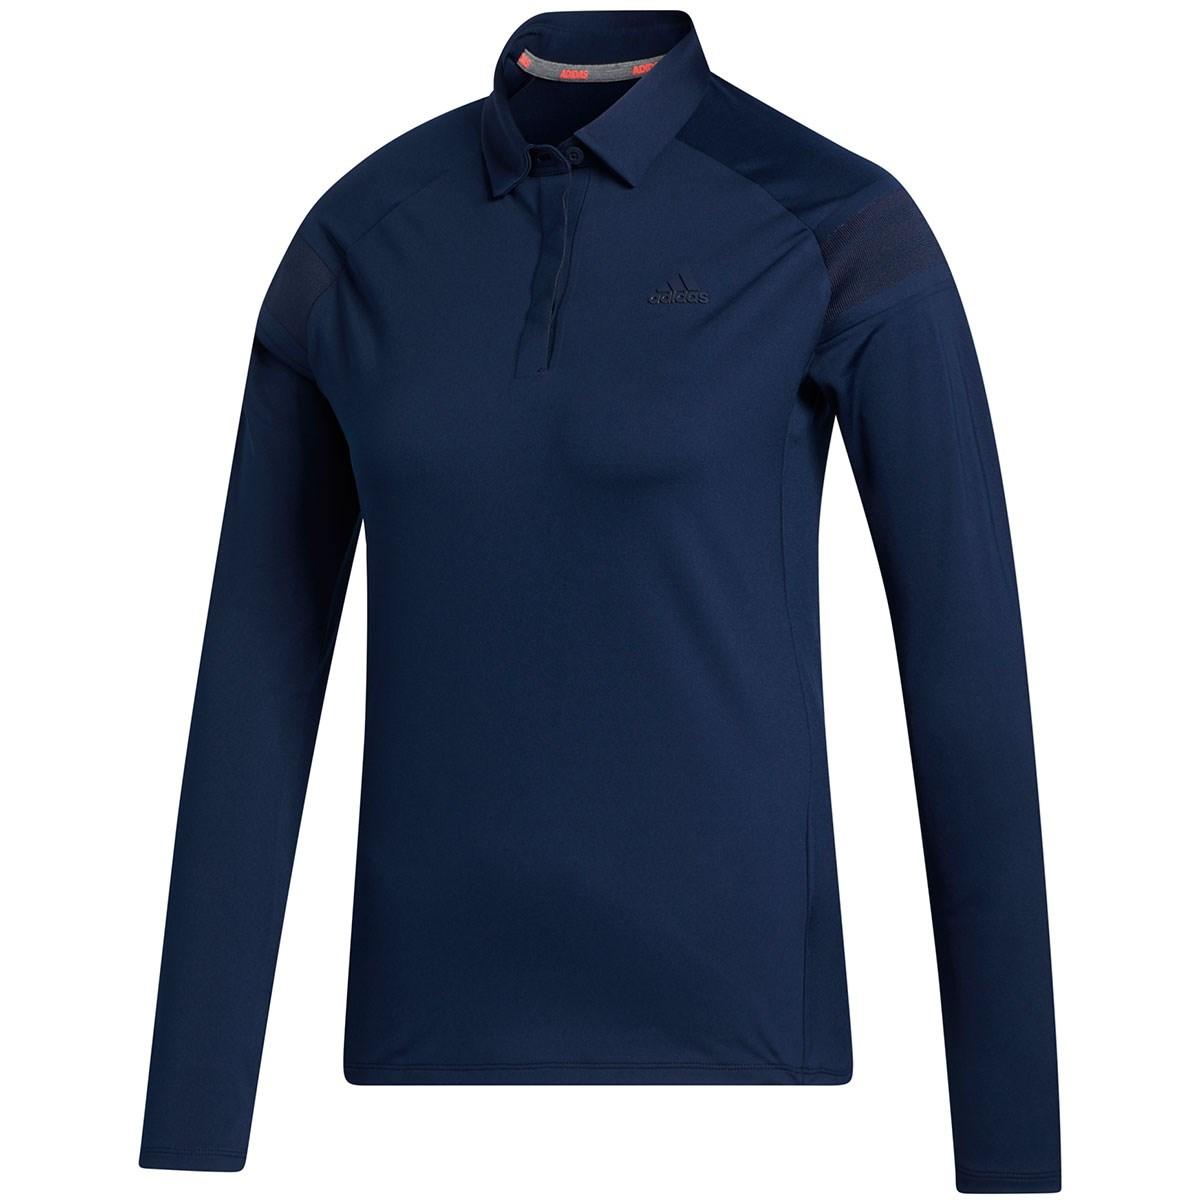 アディダス Adidas ショルダーストライプ ストレッチ長袖ボタンダウンポロシャツ J/OT カレッジネイビー レディス